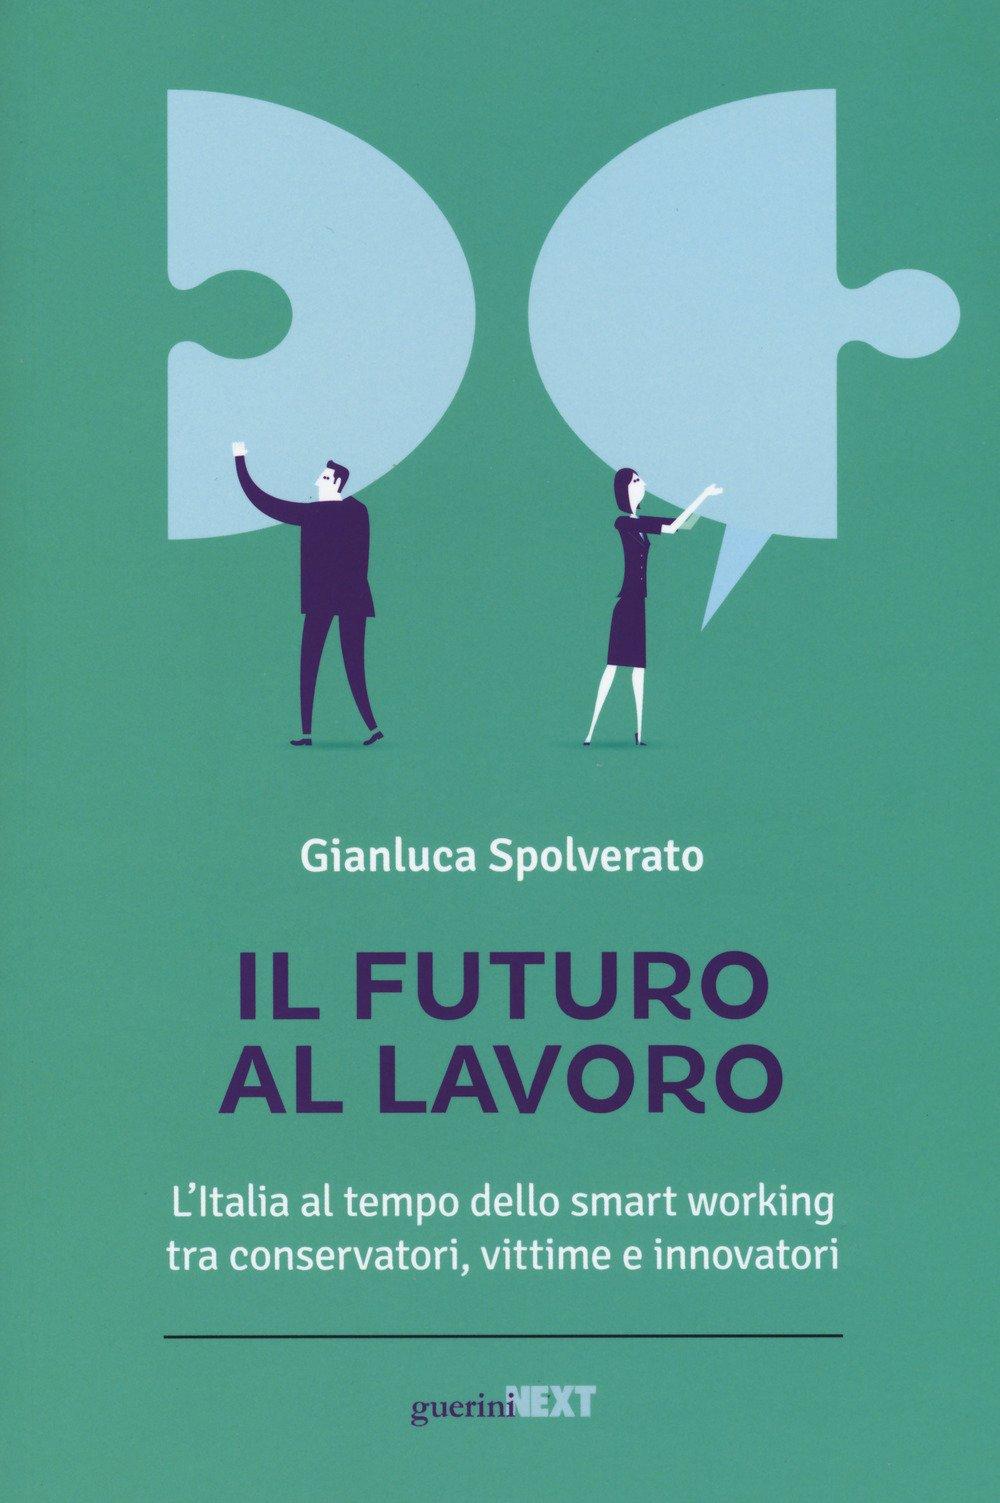 Il futuro al lavoro. L'Italia al tempo dello smart working tra conservatori, vittime e innovatori